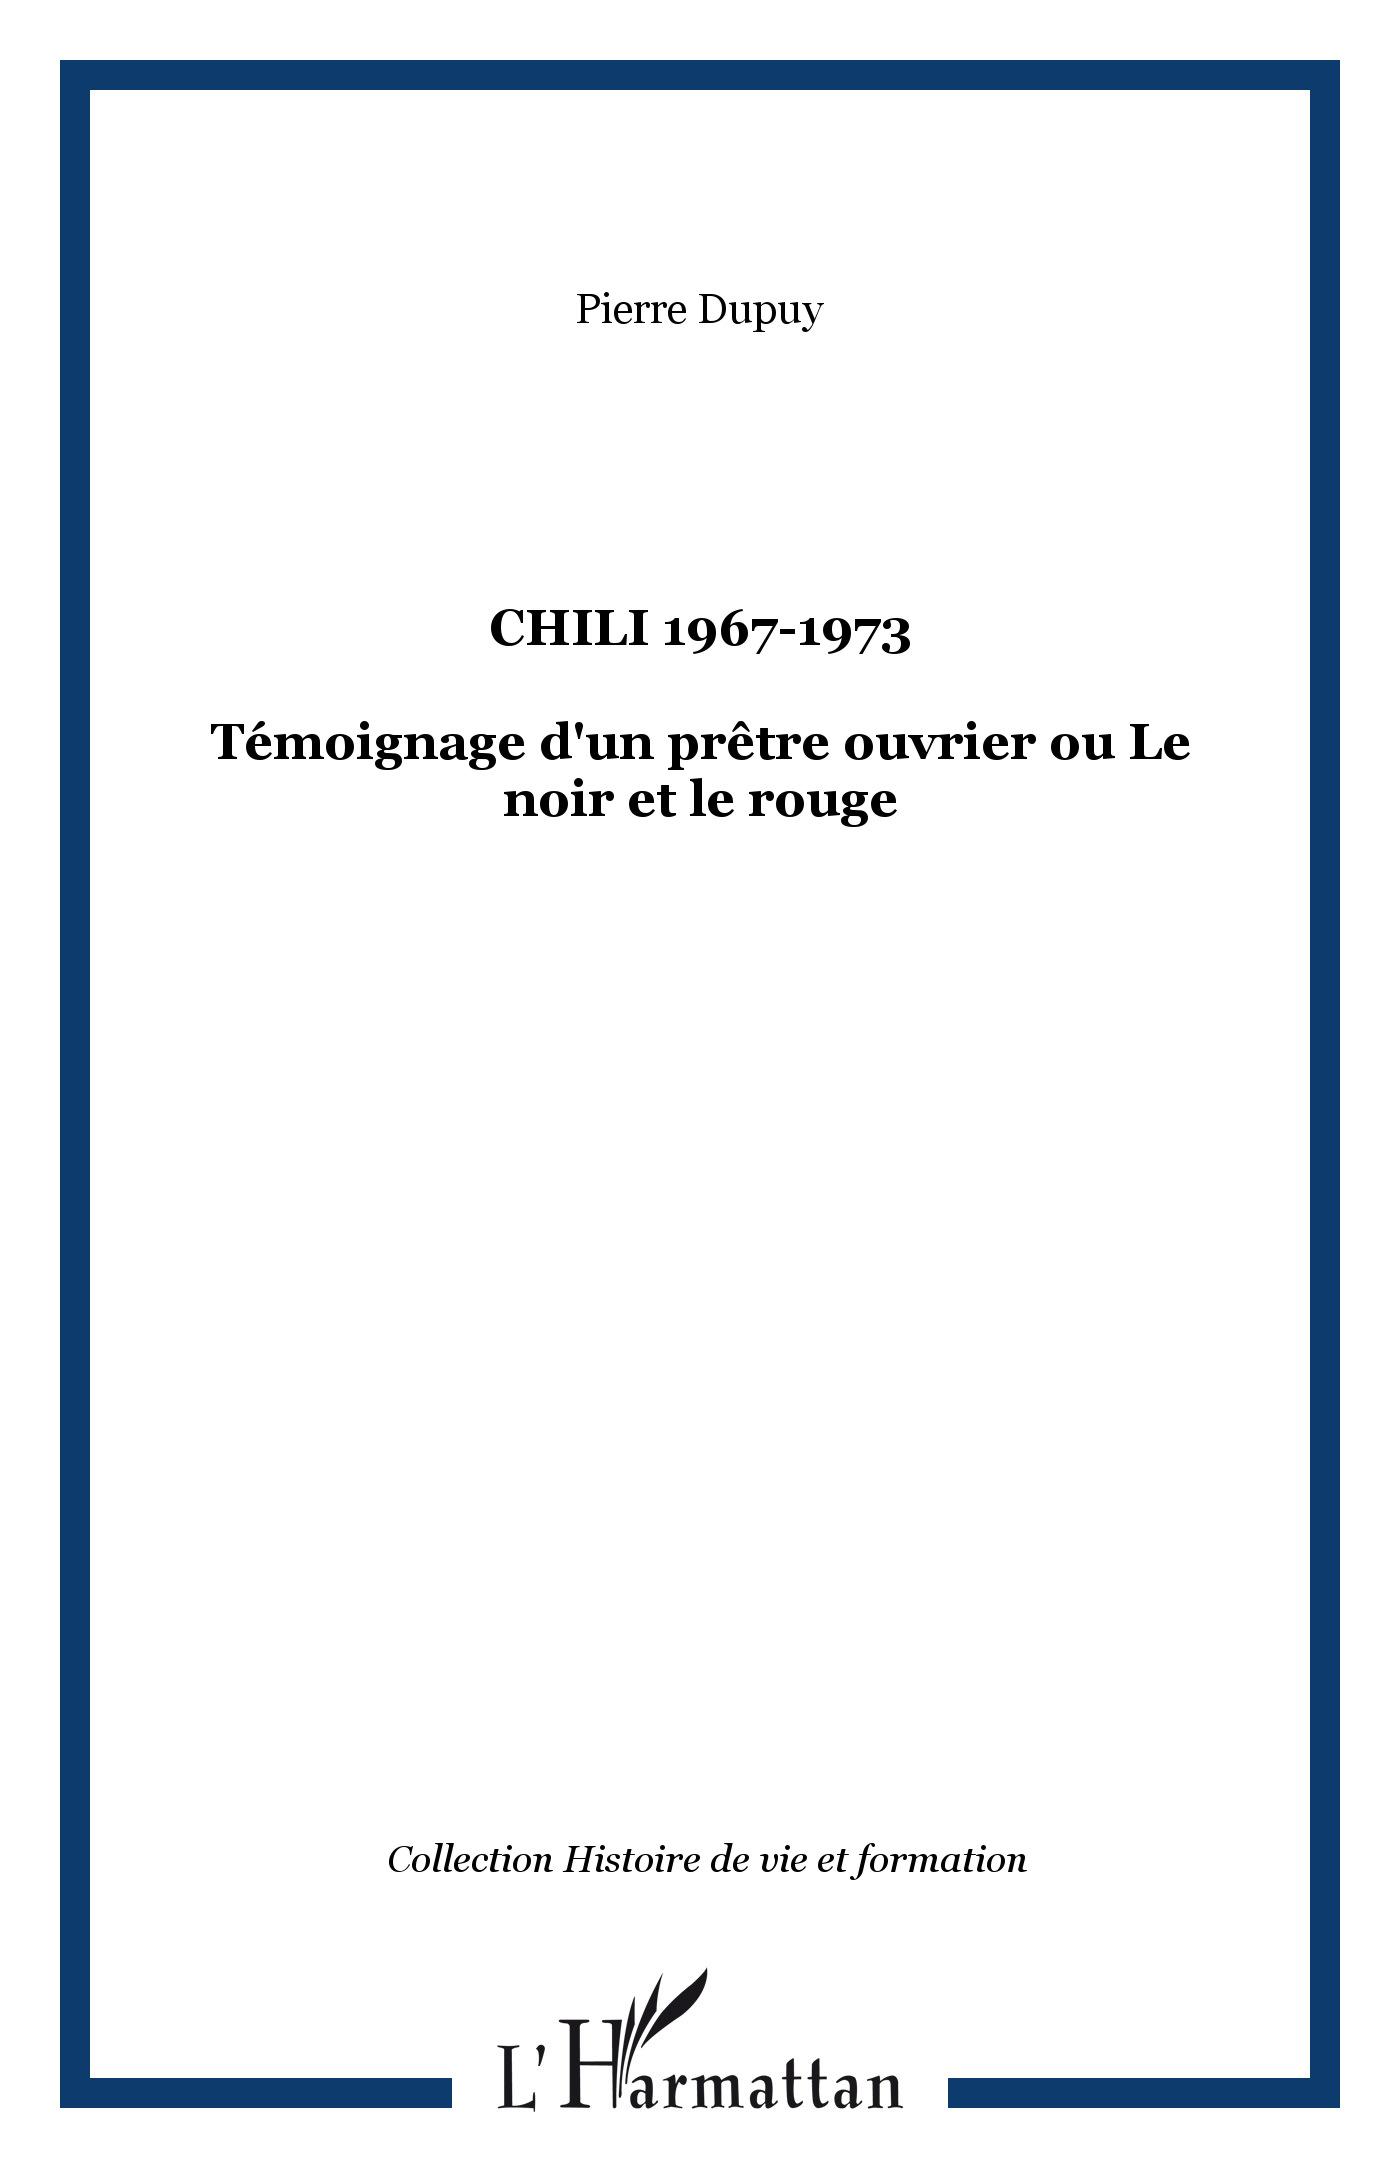 CHILI 1967-1973